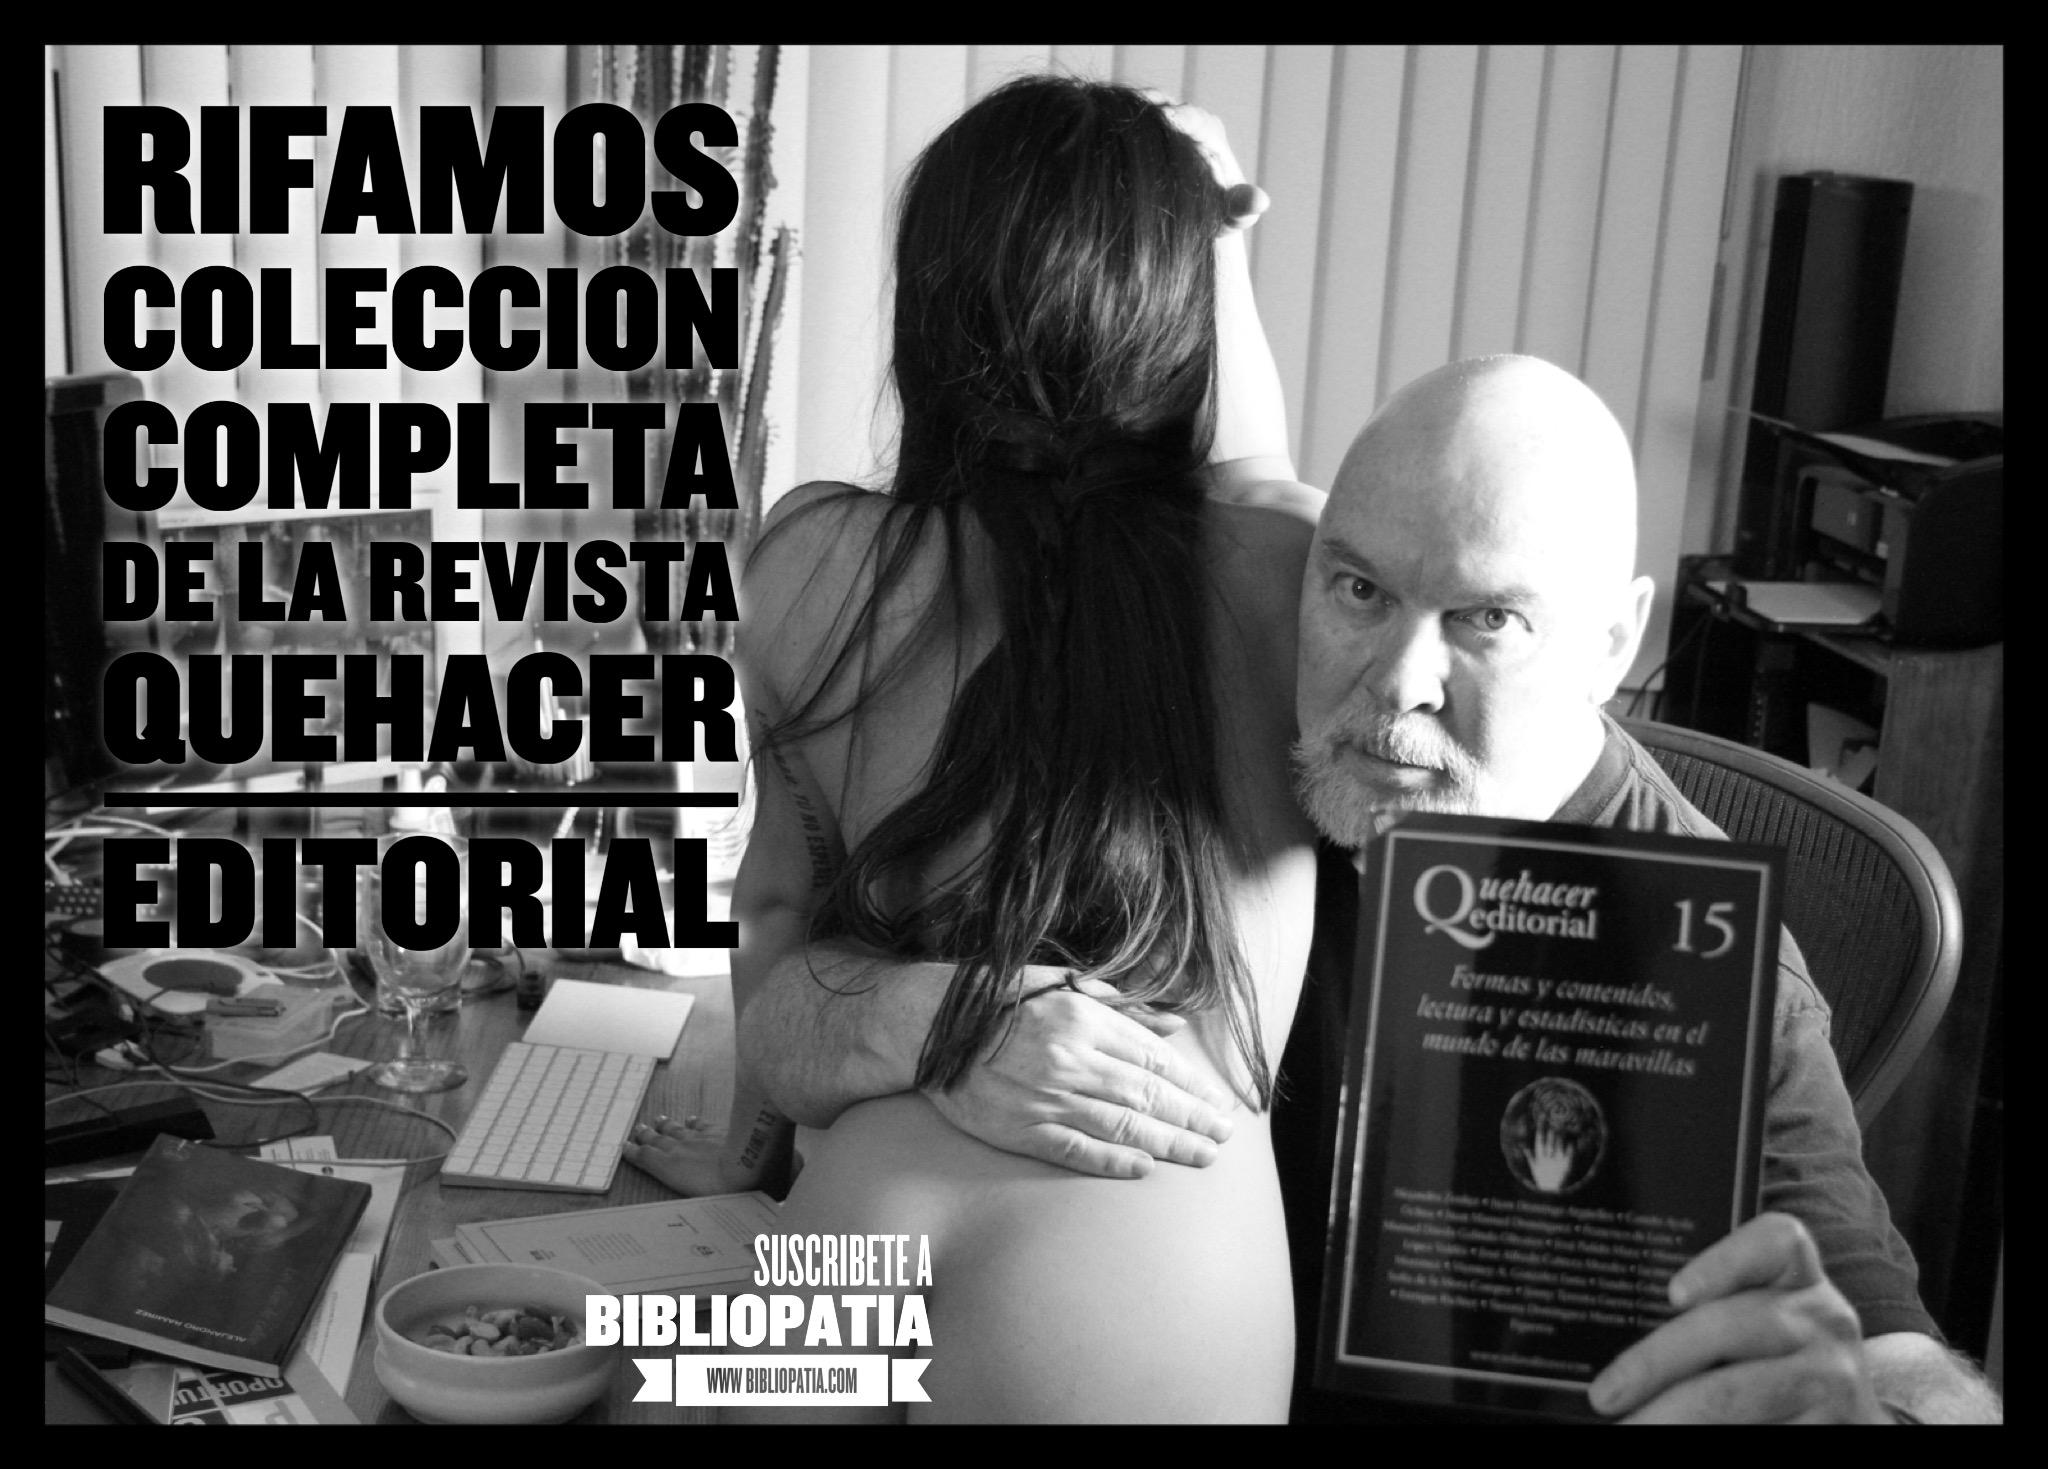 Entre Quehacer Editorial y una mujer desnuda… ¡Bibliopatía!